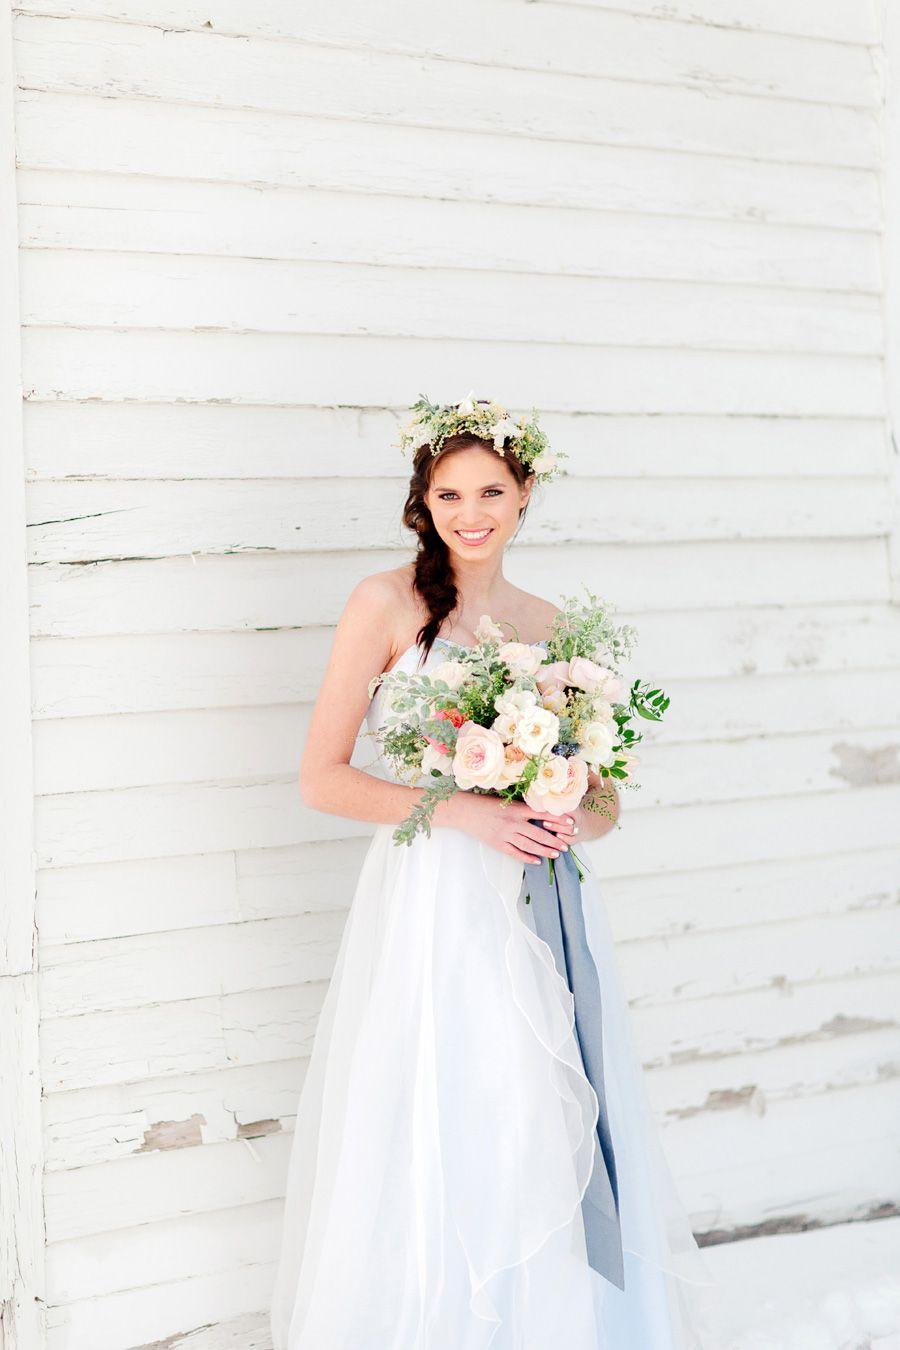 Bride | Bridal Gown | Floral Headpiece | Bridal Bouquet | Jody ...